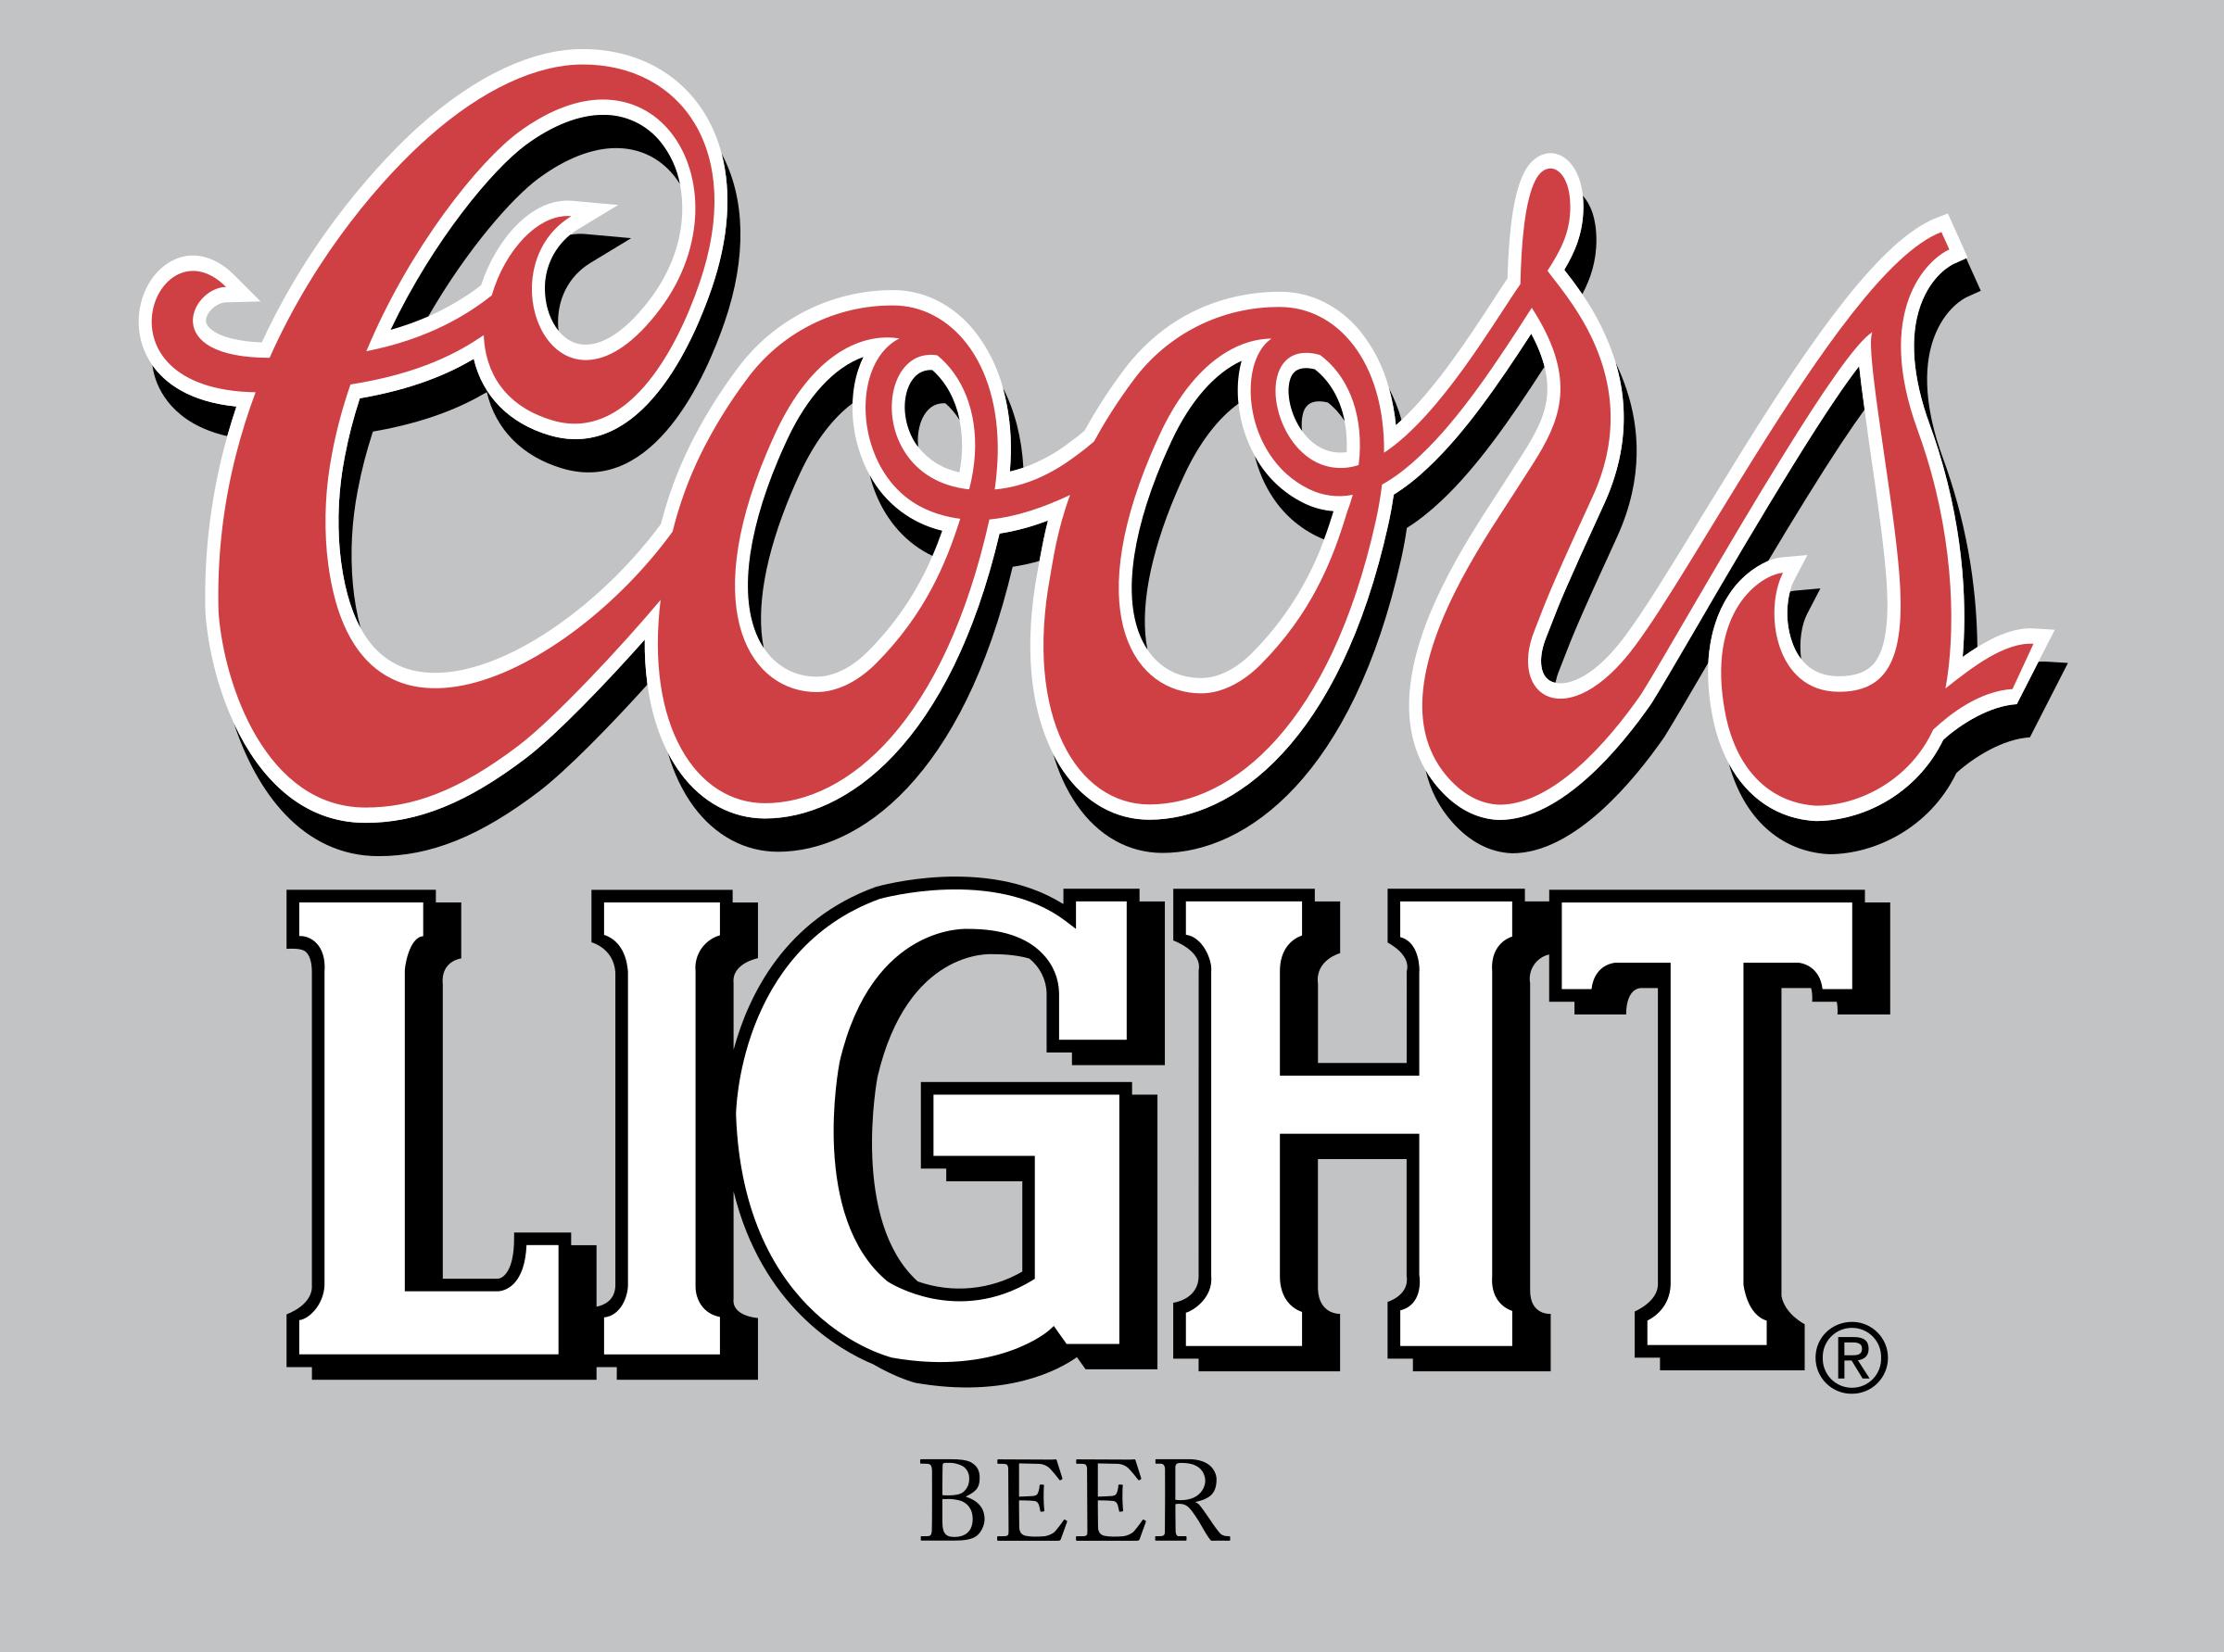 coors-light-3-logo-png-transparent.png